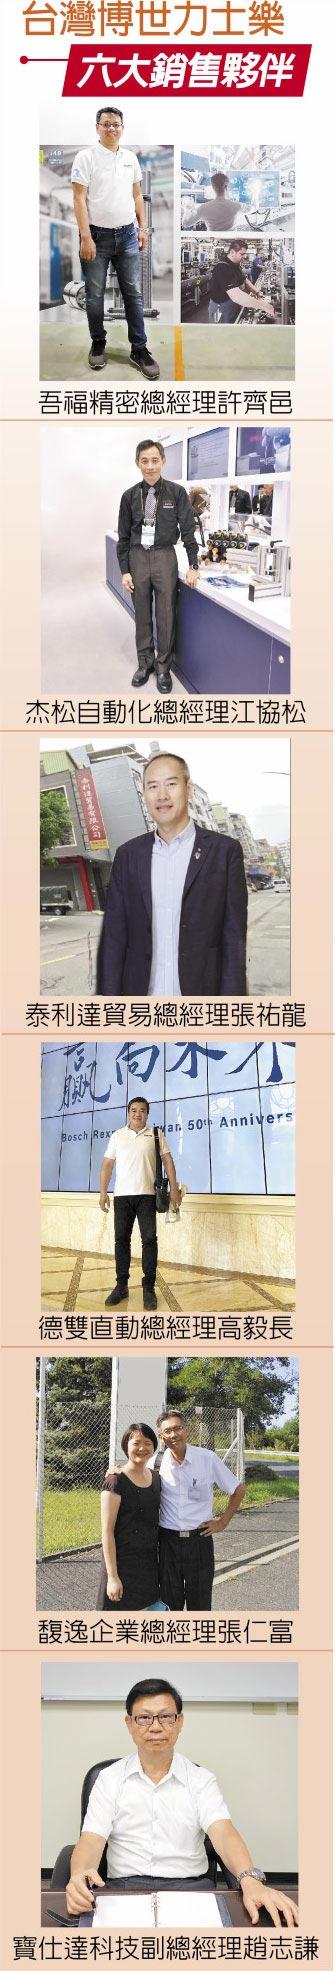 台灣博世力士樂六大銷售夥伴